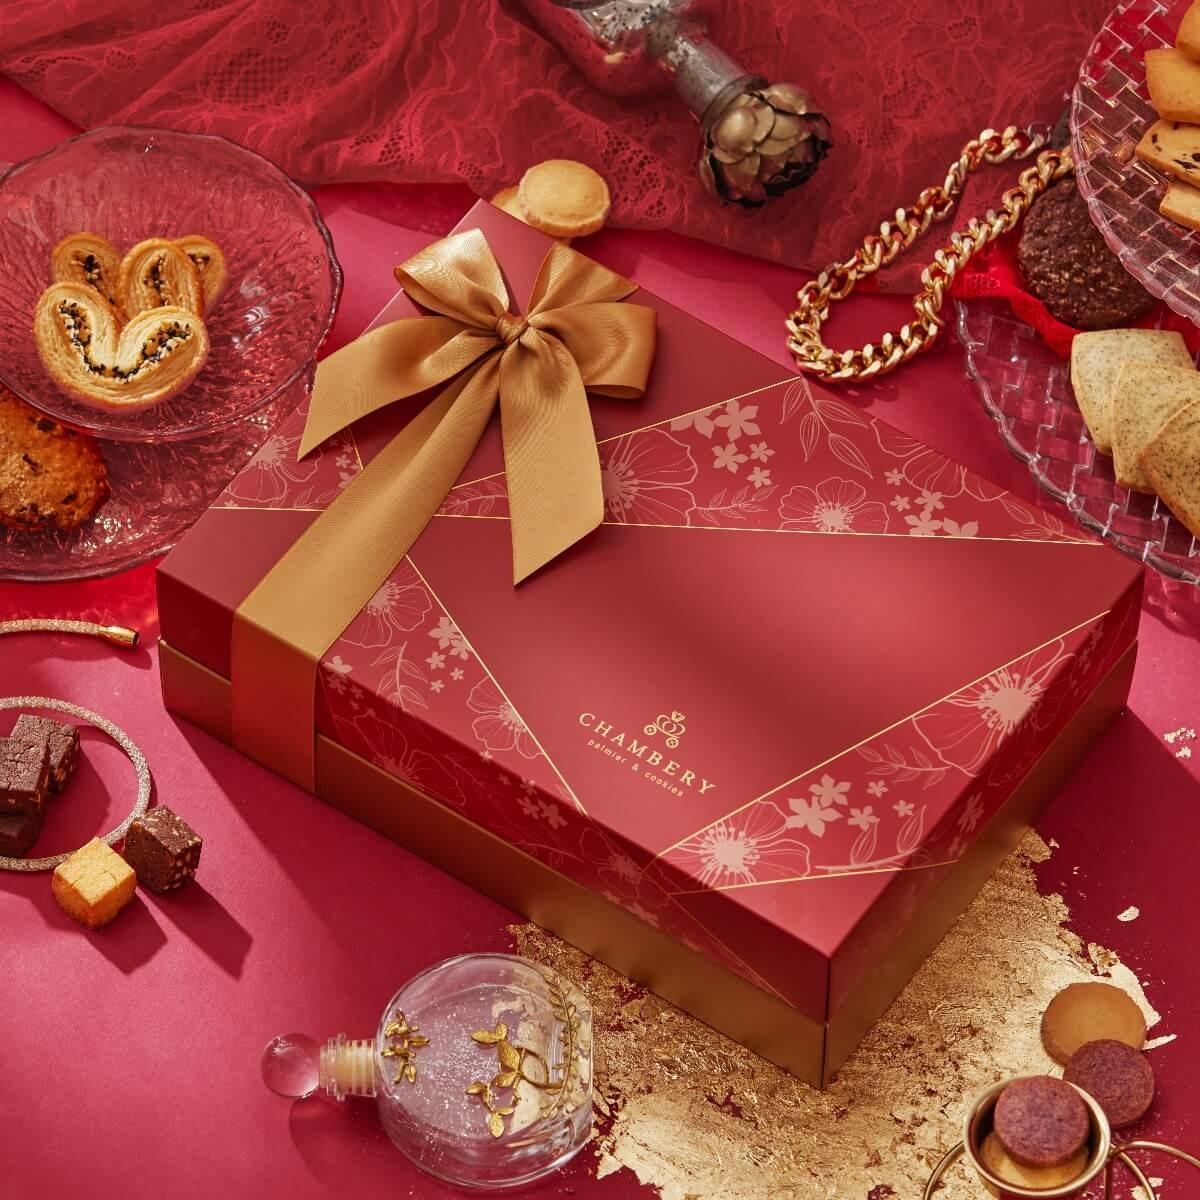 【香貝里】誓約禮盒/手工喜餅/伴手禮/附質感提袋/蝴蝶酥/手工餅乾/端午禮盒